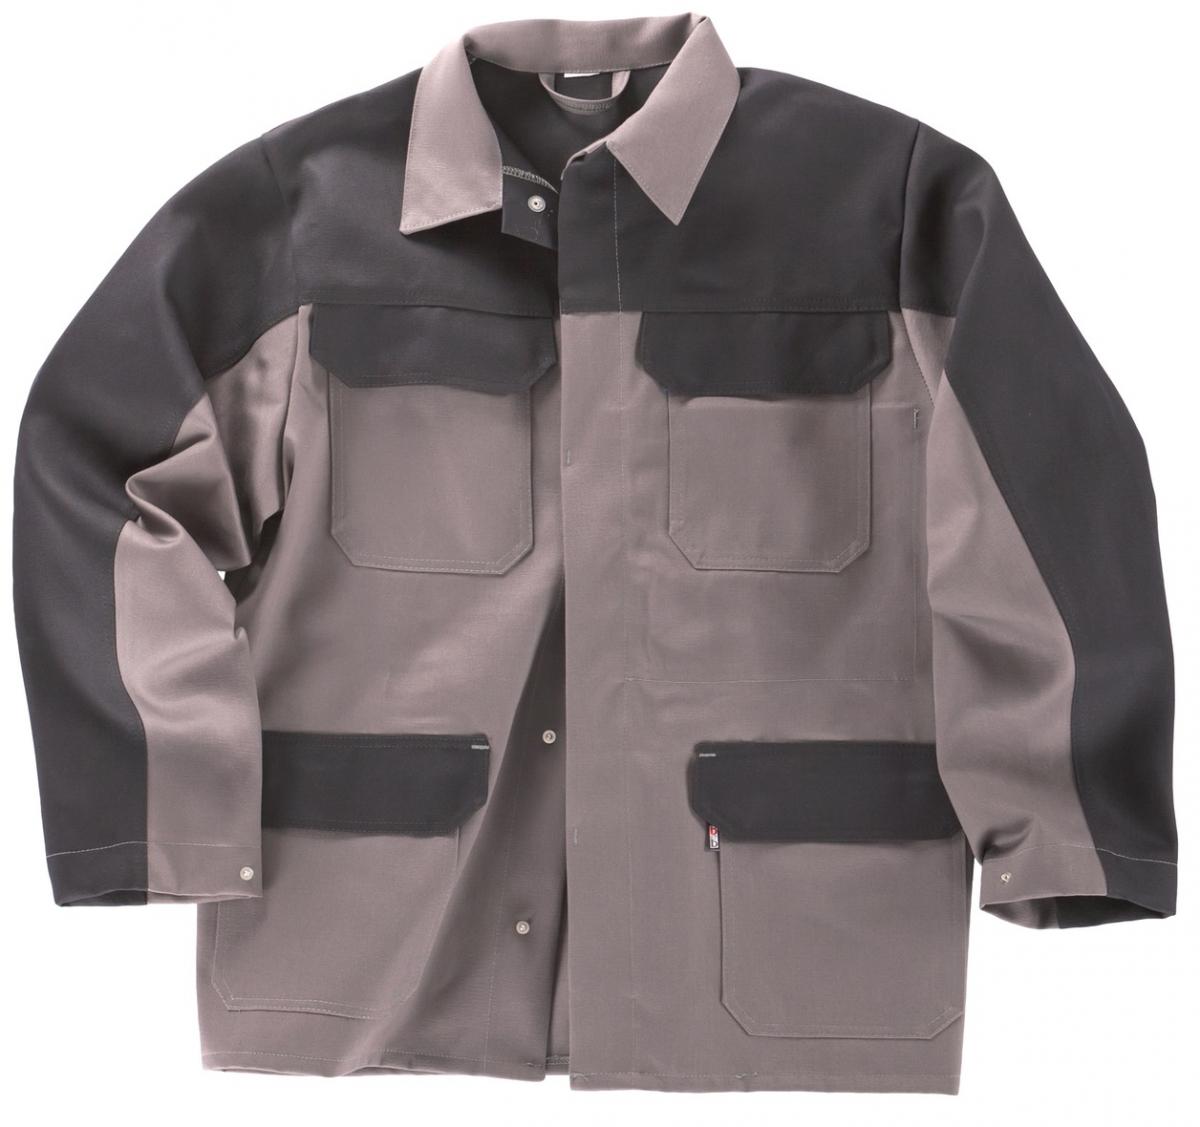 BEB-PSA-Schweißer-Arbeits-Schutz-Berufs-Jacke, BW 330, grau/schwarz